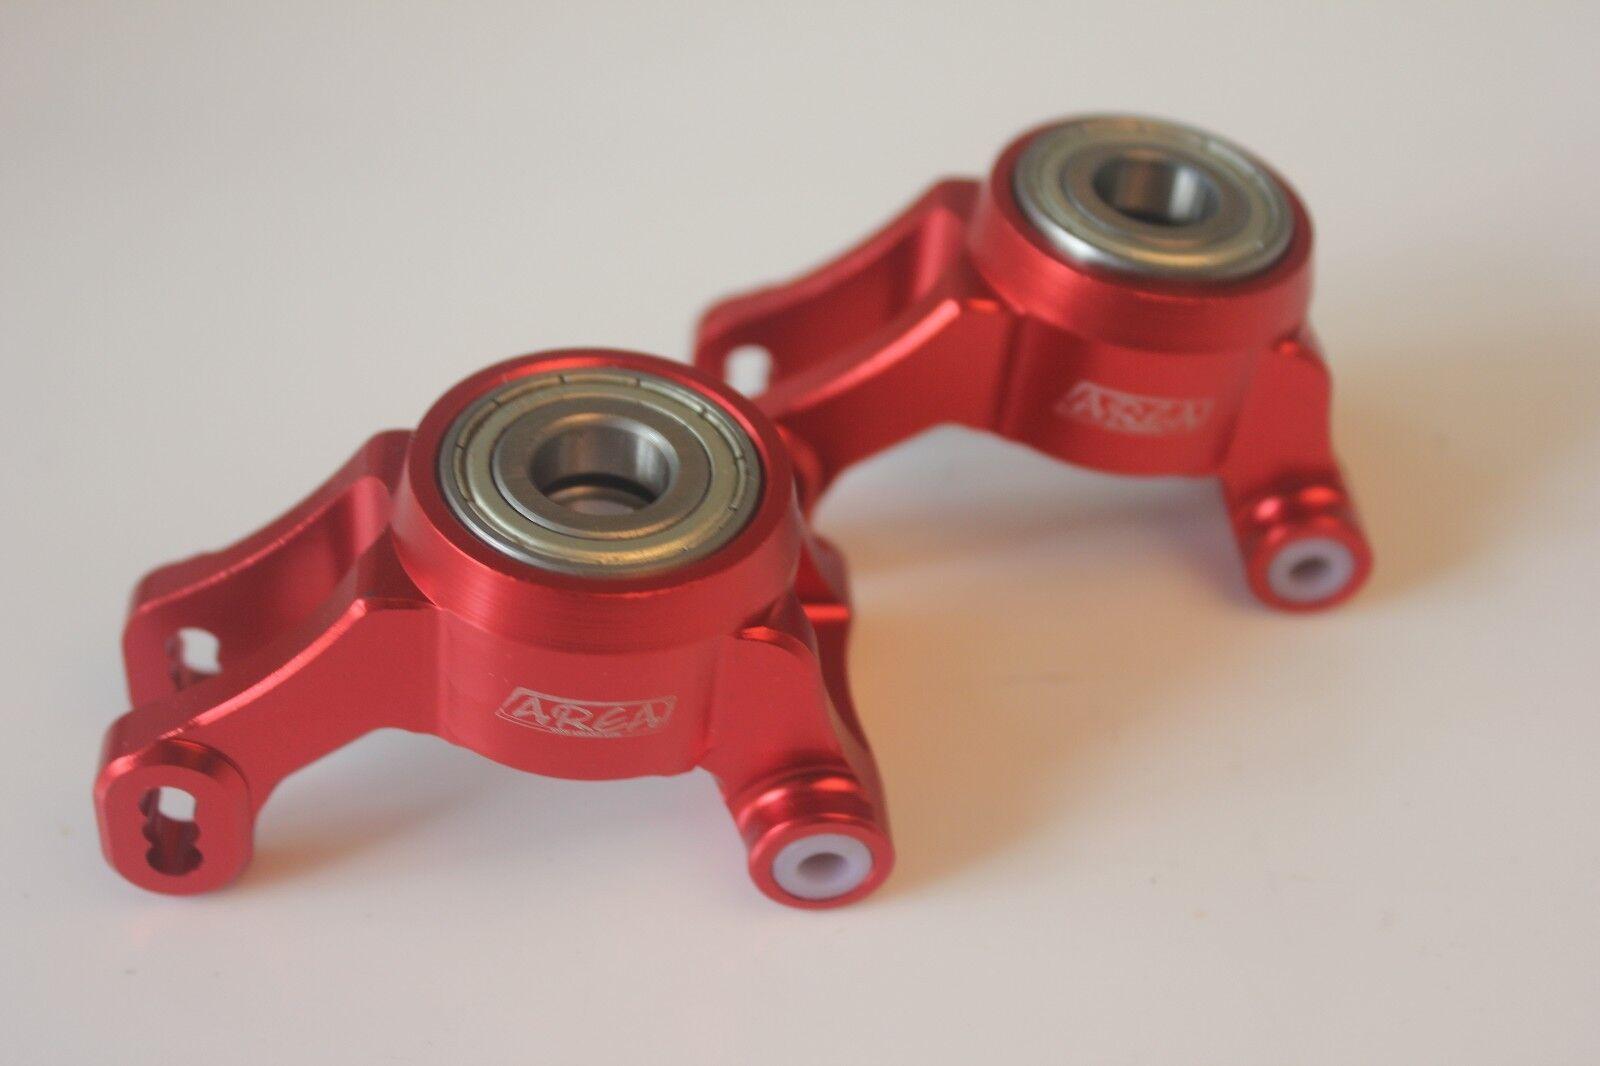 Trasero de aleación Area CNC Cubo de rueda portador para DBXL XL Rojo ampliar Cojinete versión